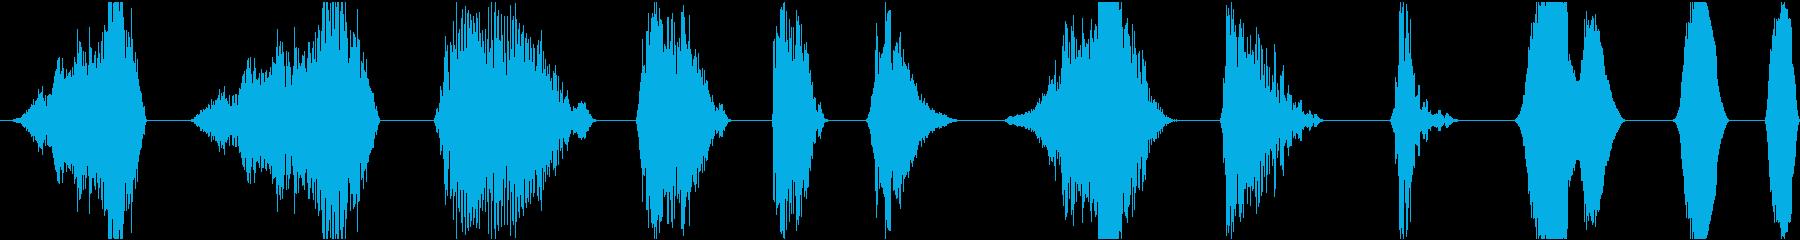 低金属宇宙フォースフィールドグロー...の再生済みの波形